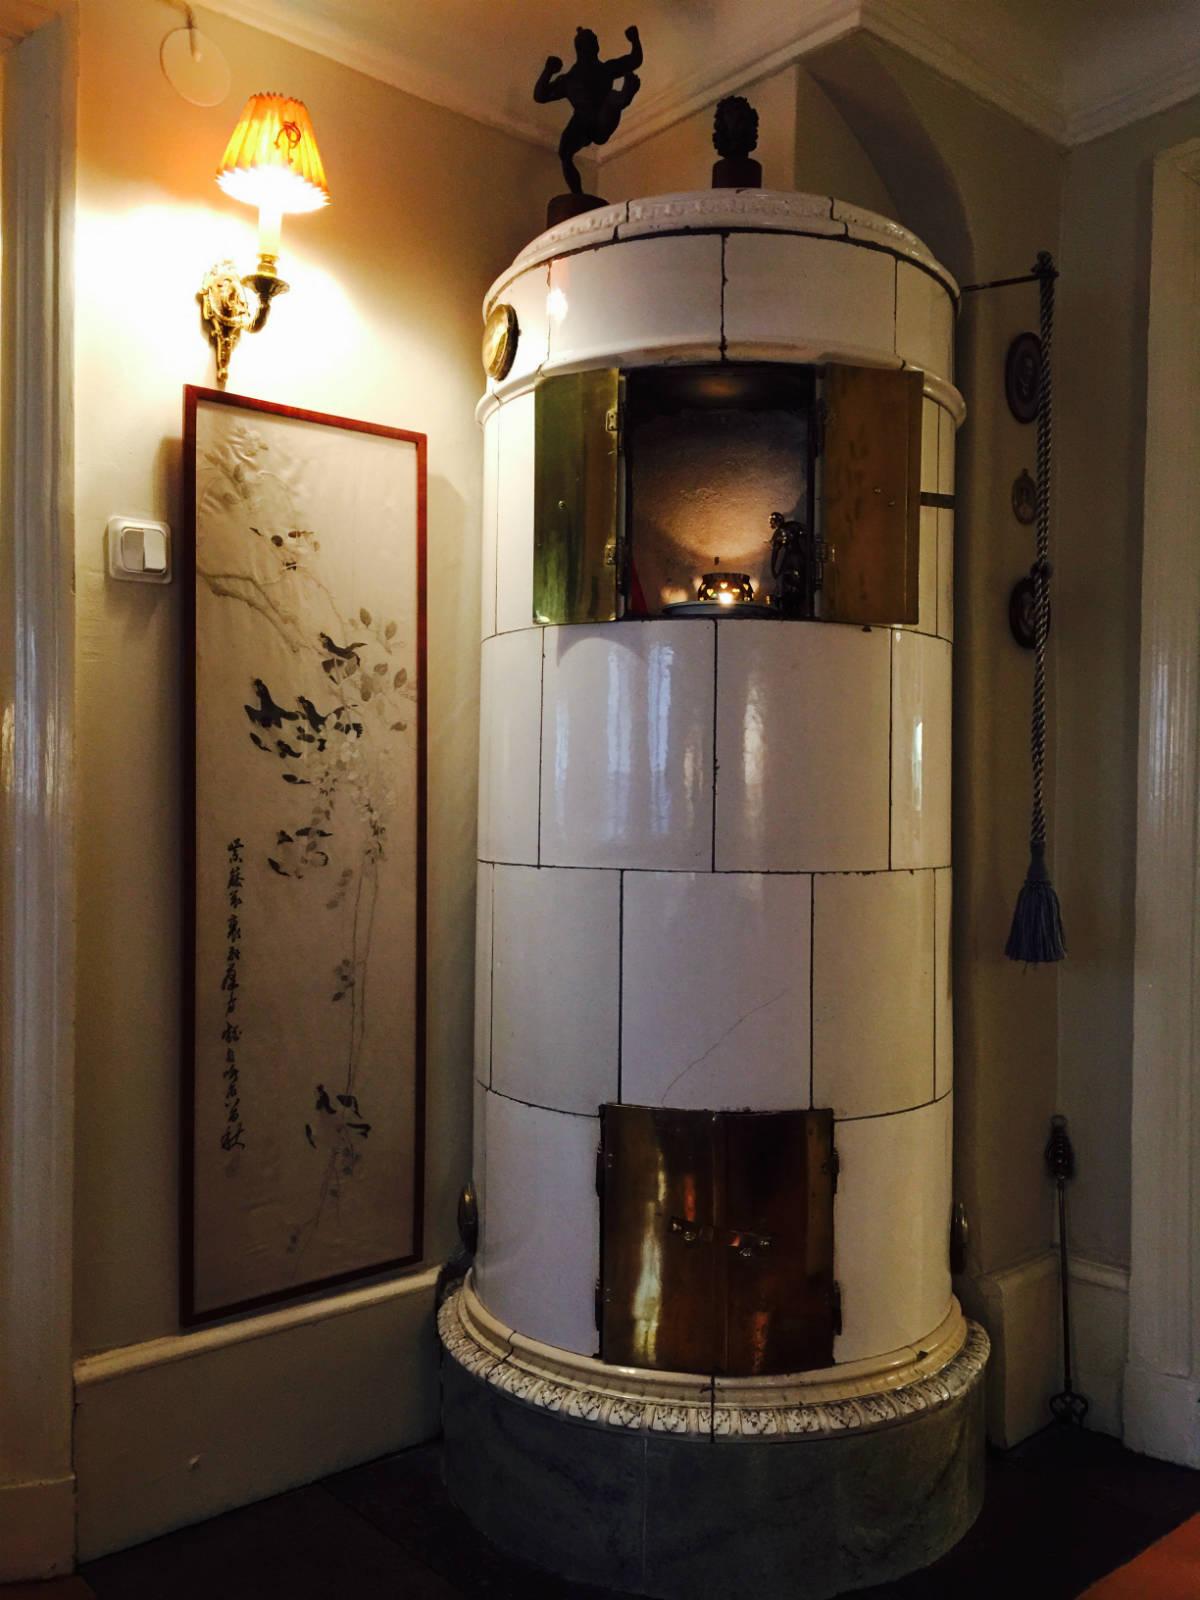 已有 200 多年歷史的圓柱磚砌壁爐,燒柴一次可供暖 12 小時。